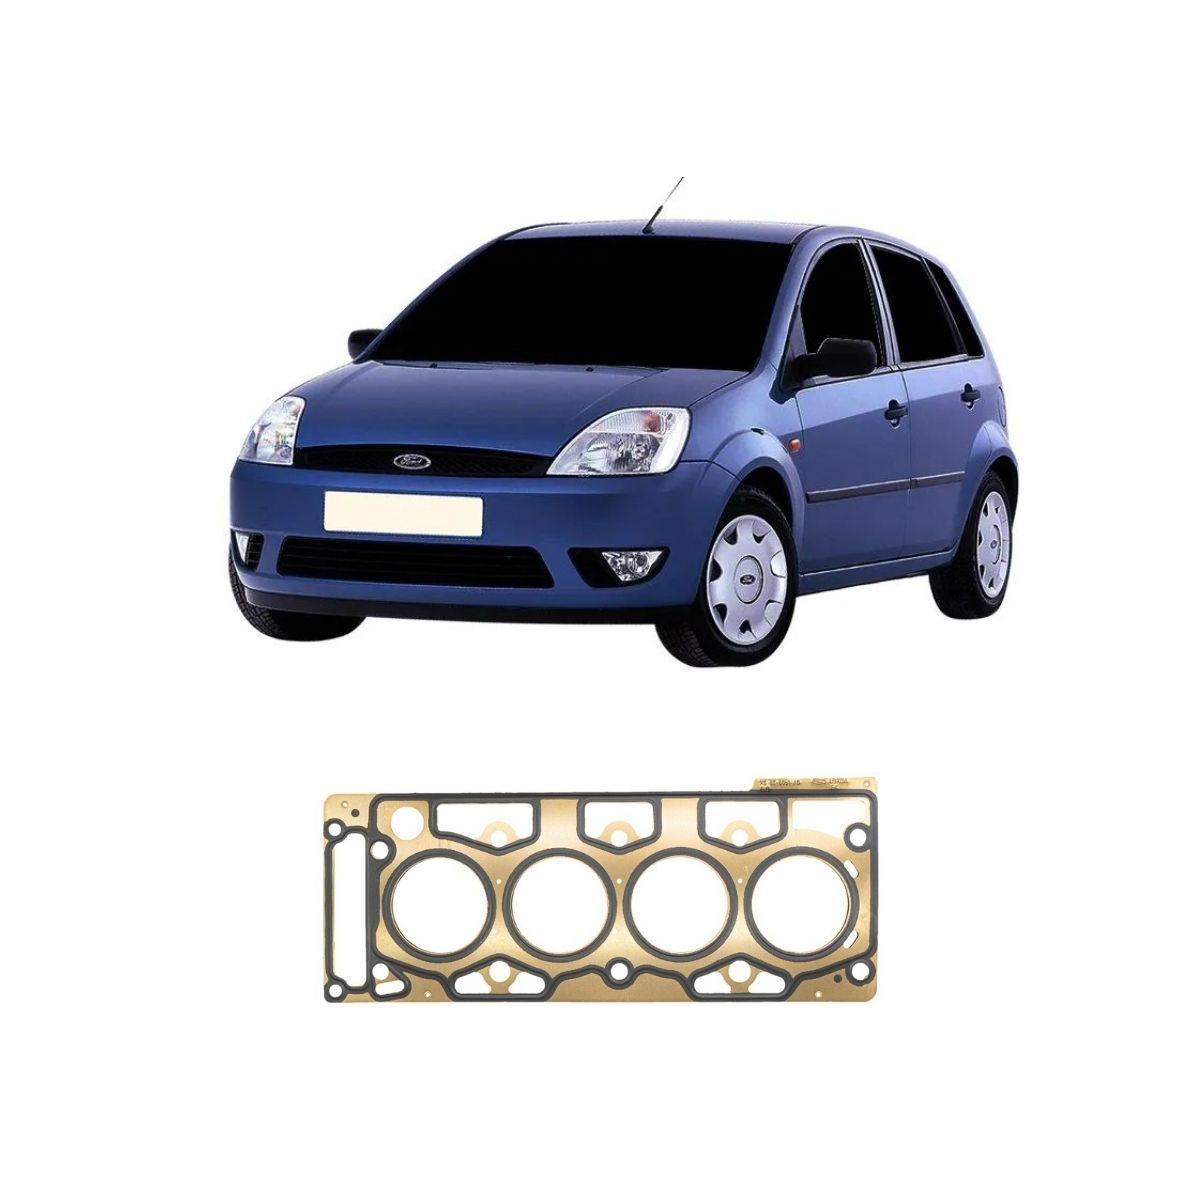 Junta Cabeçote Baspack Ford Fiesta 2000/2013